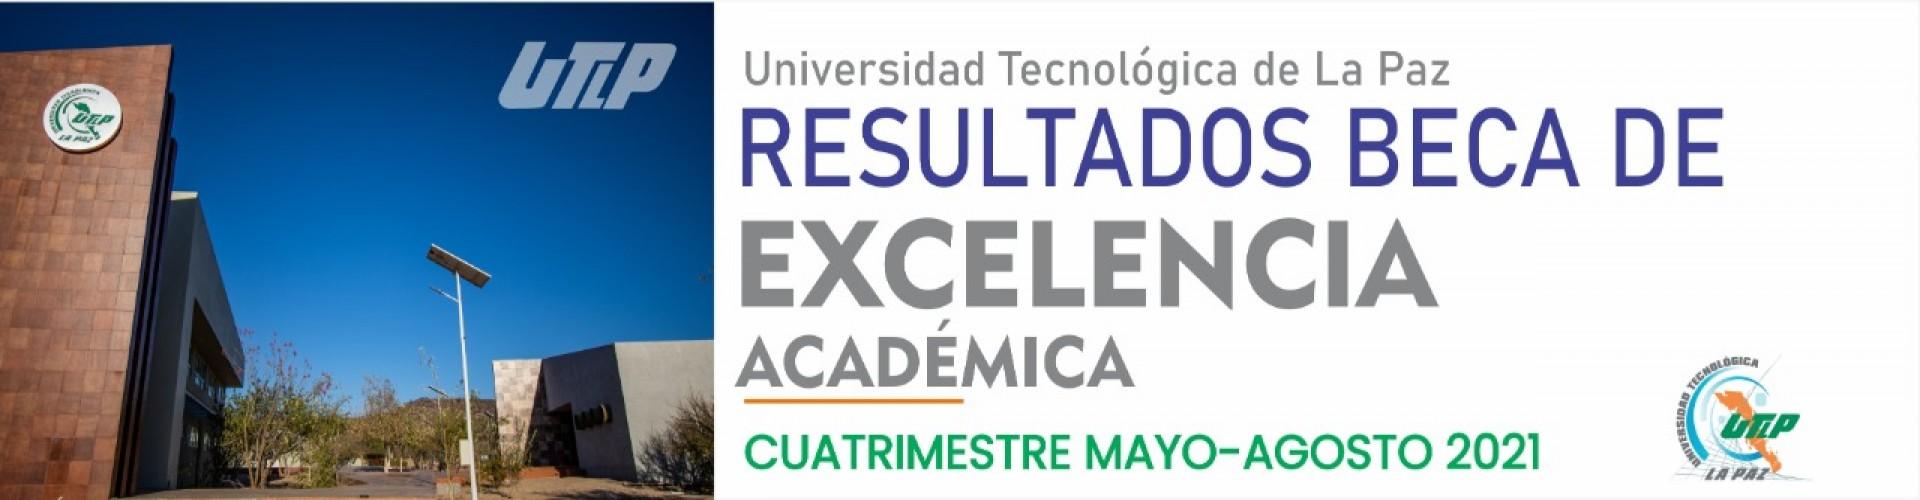 Resultados de Beca de Excelencia académica para el periodo Mayo - Agosto 2021